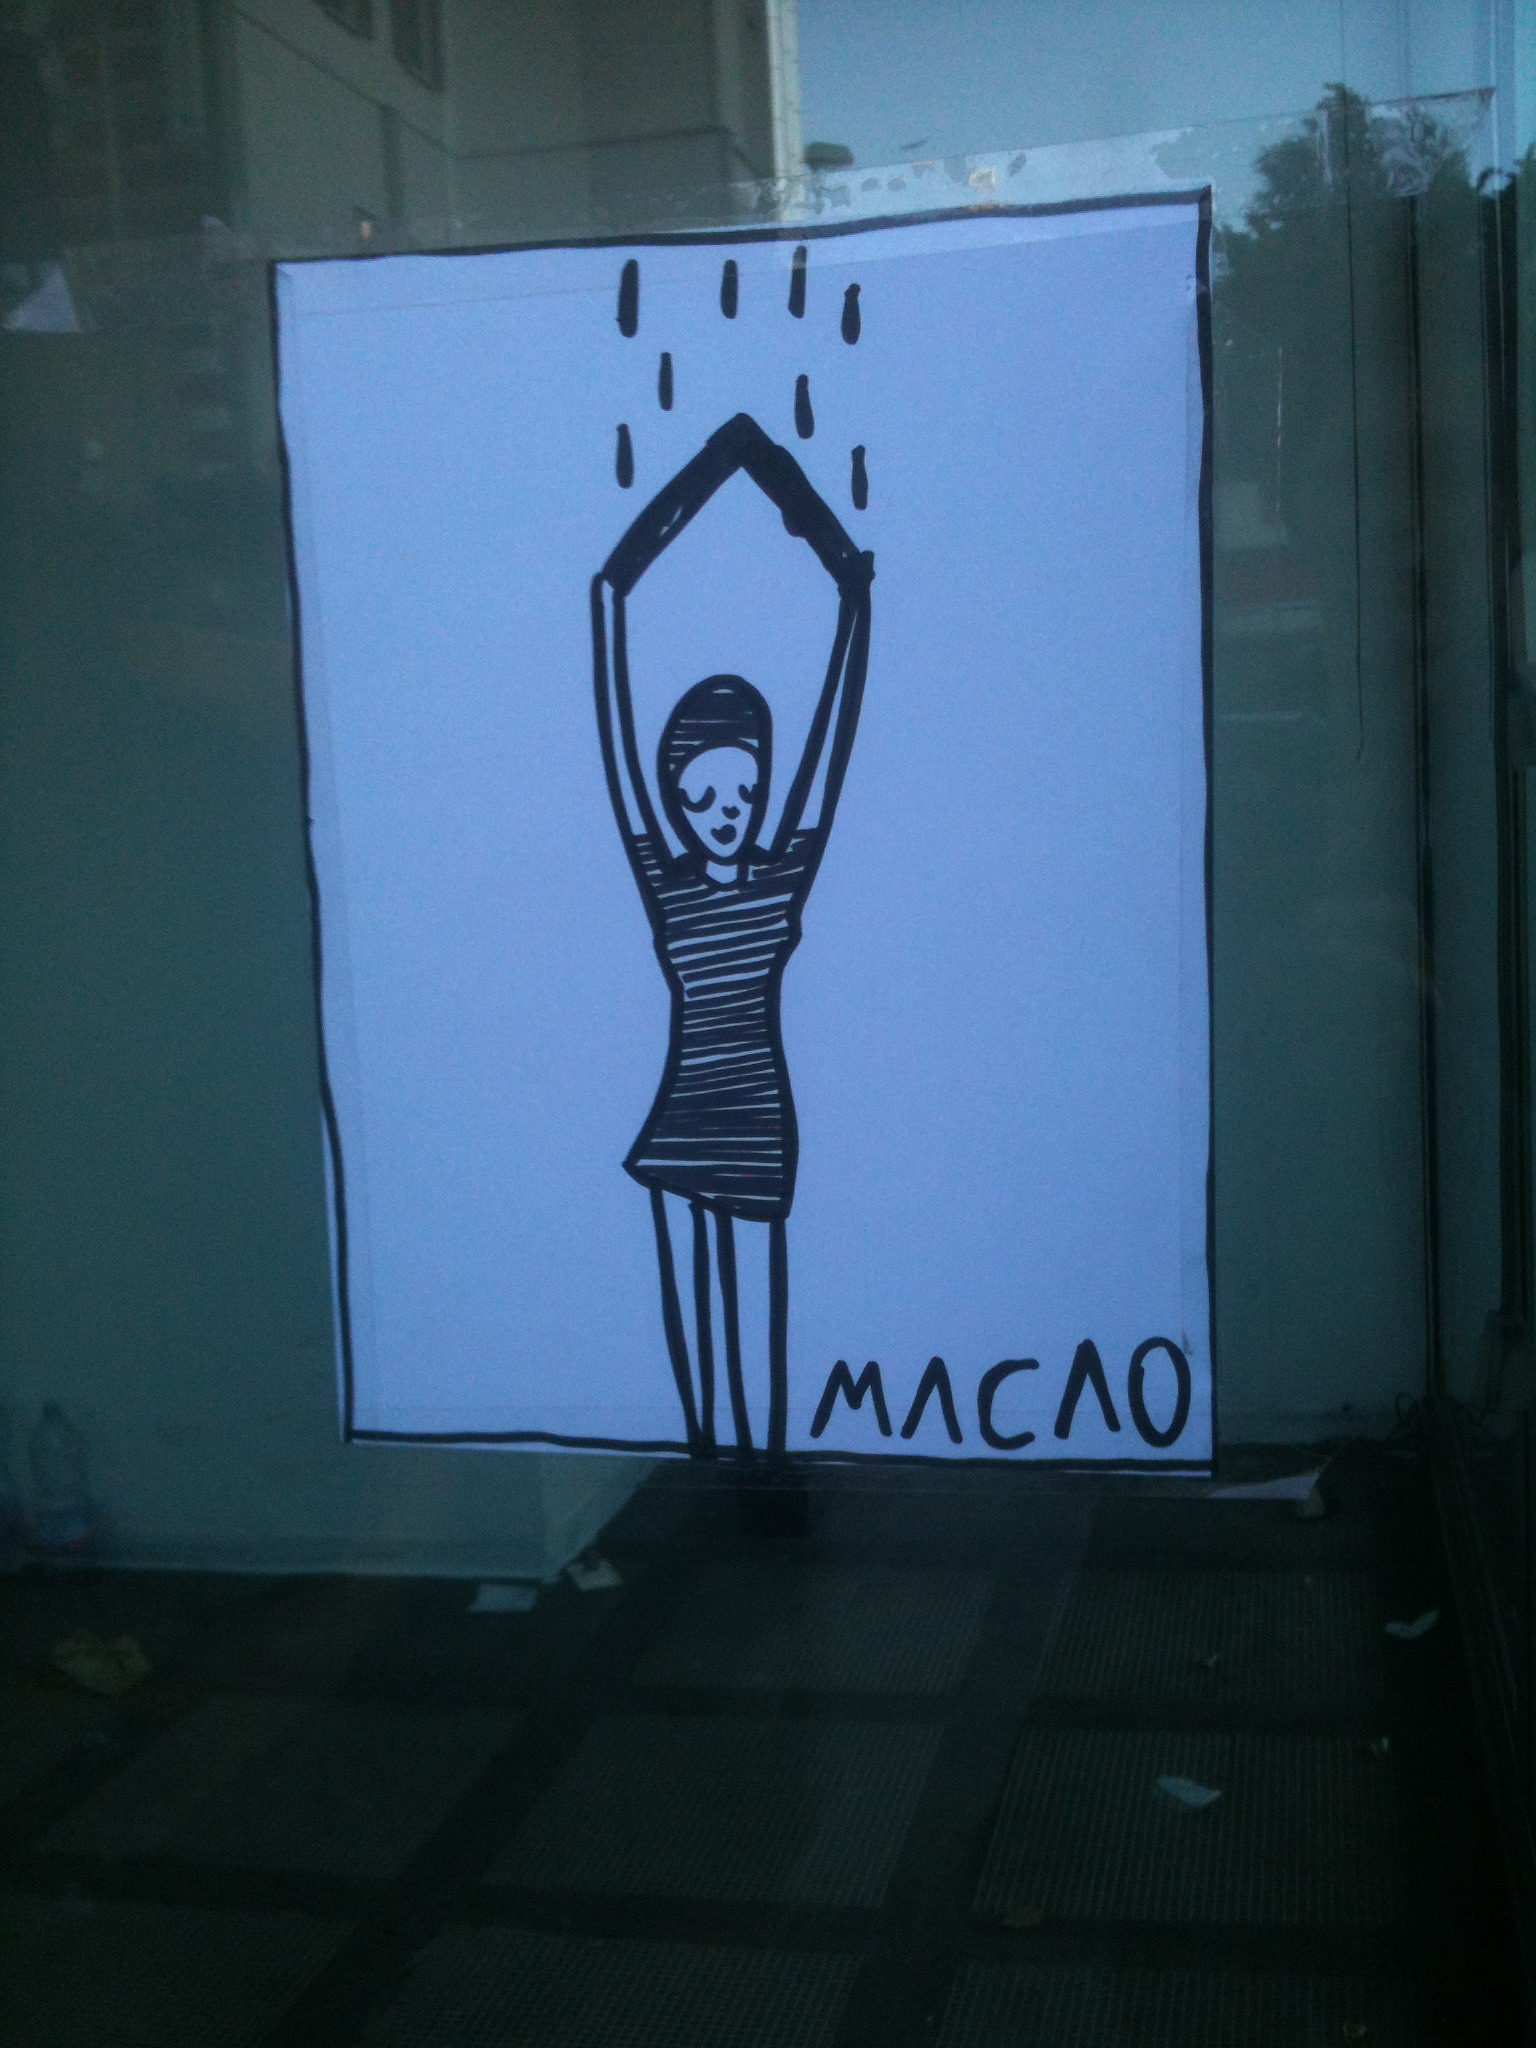 Il diario di Macao, secondo giorno